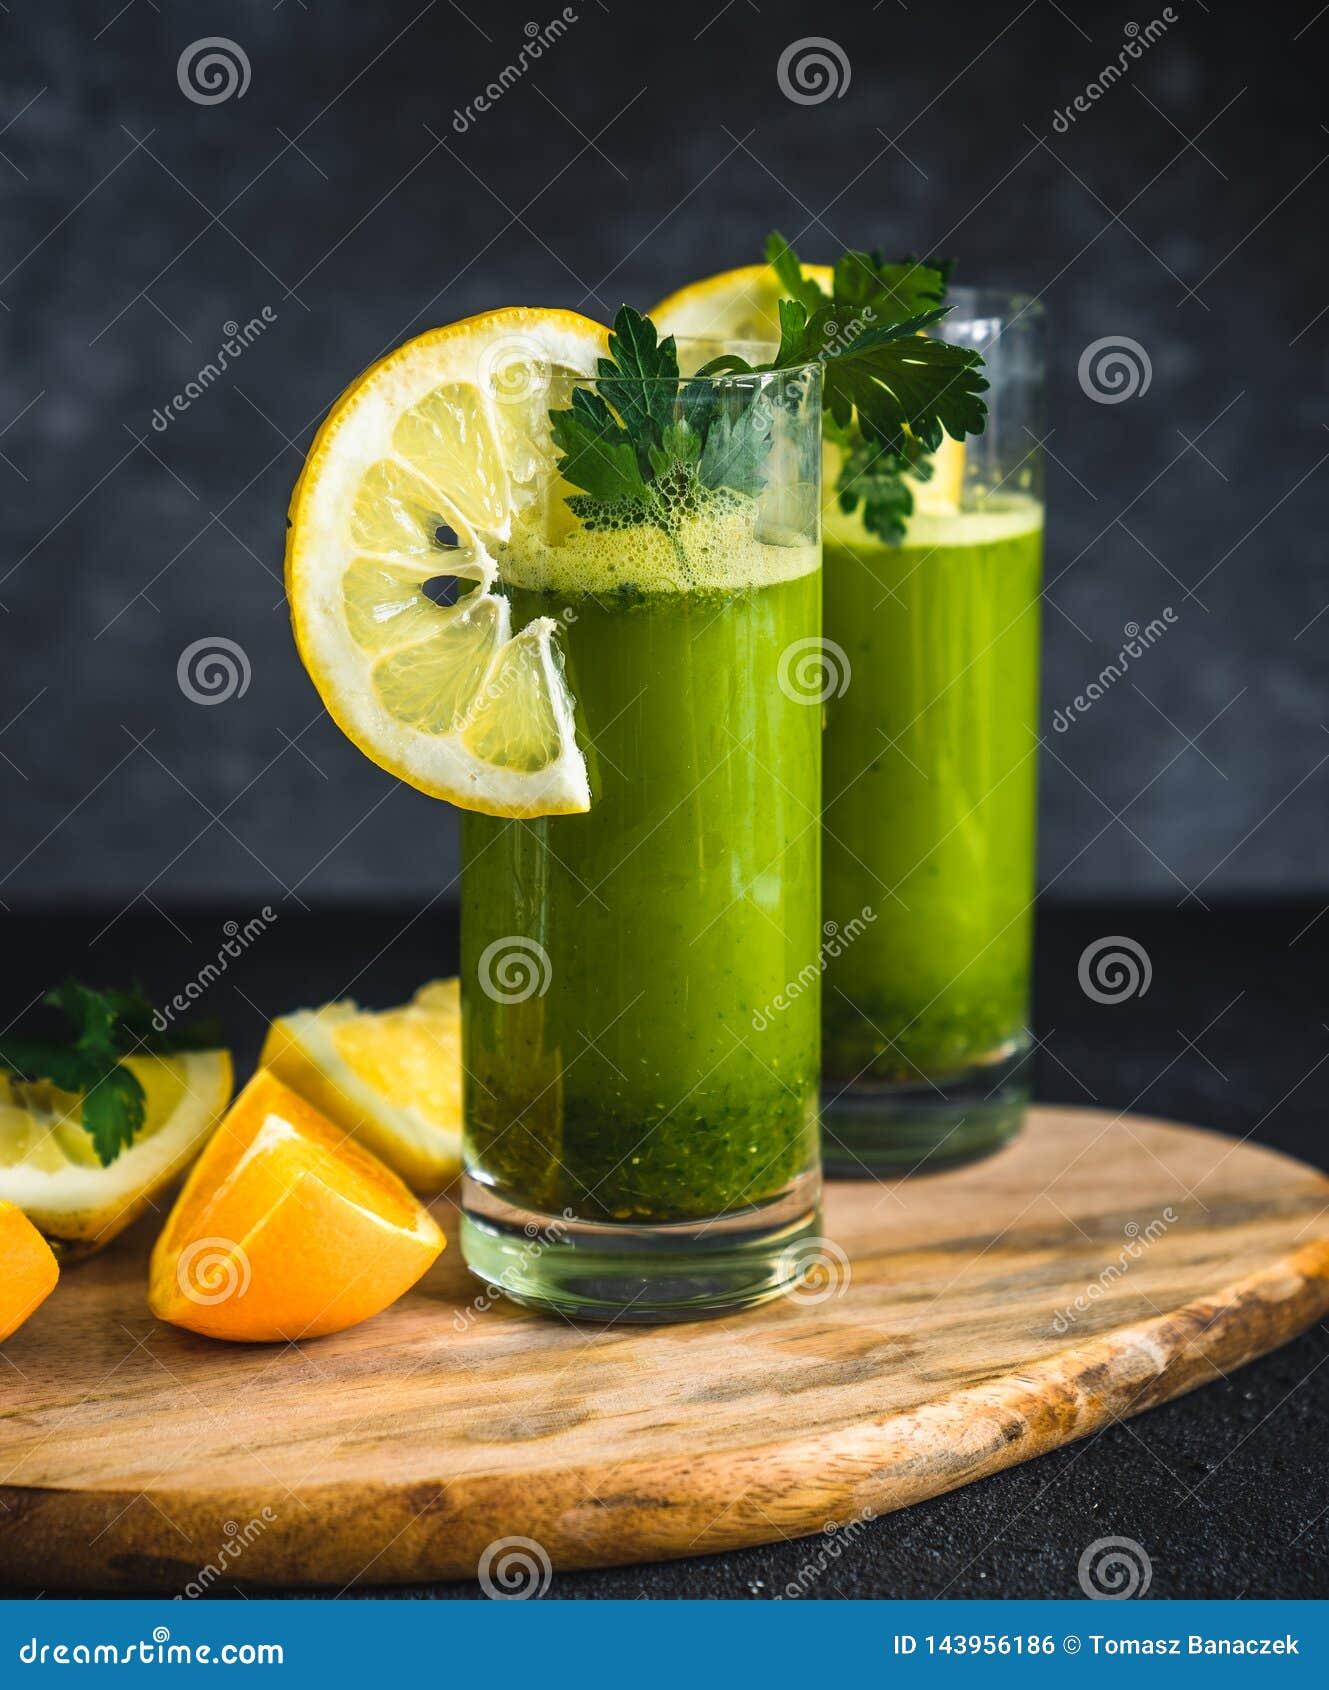 Ny gr?n fruktsaft som g?ras fr?n persilja, apelsiner och citroner